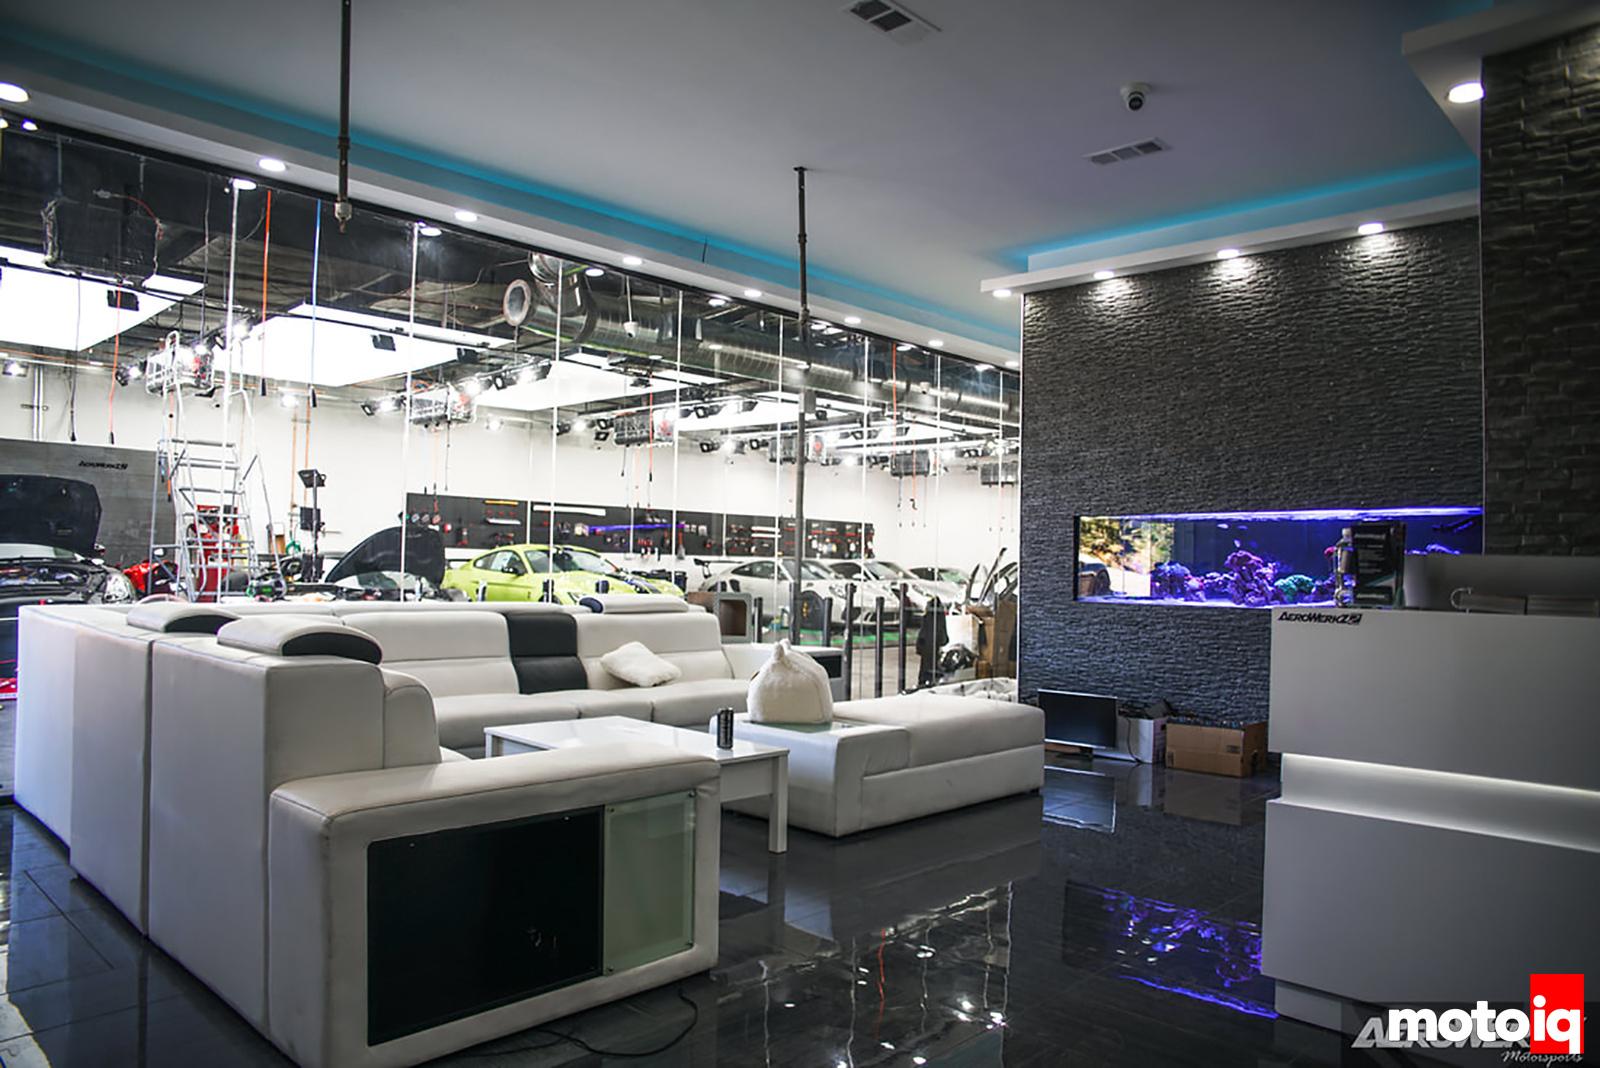 AeroWerkZ Lobby